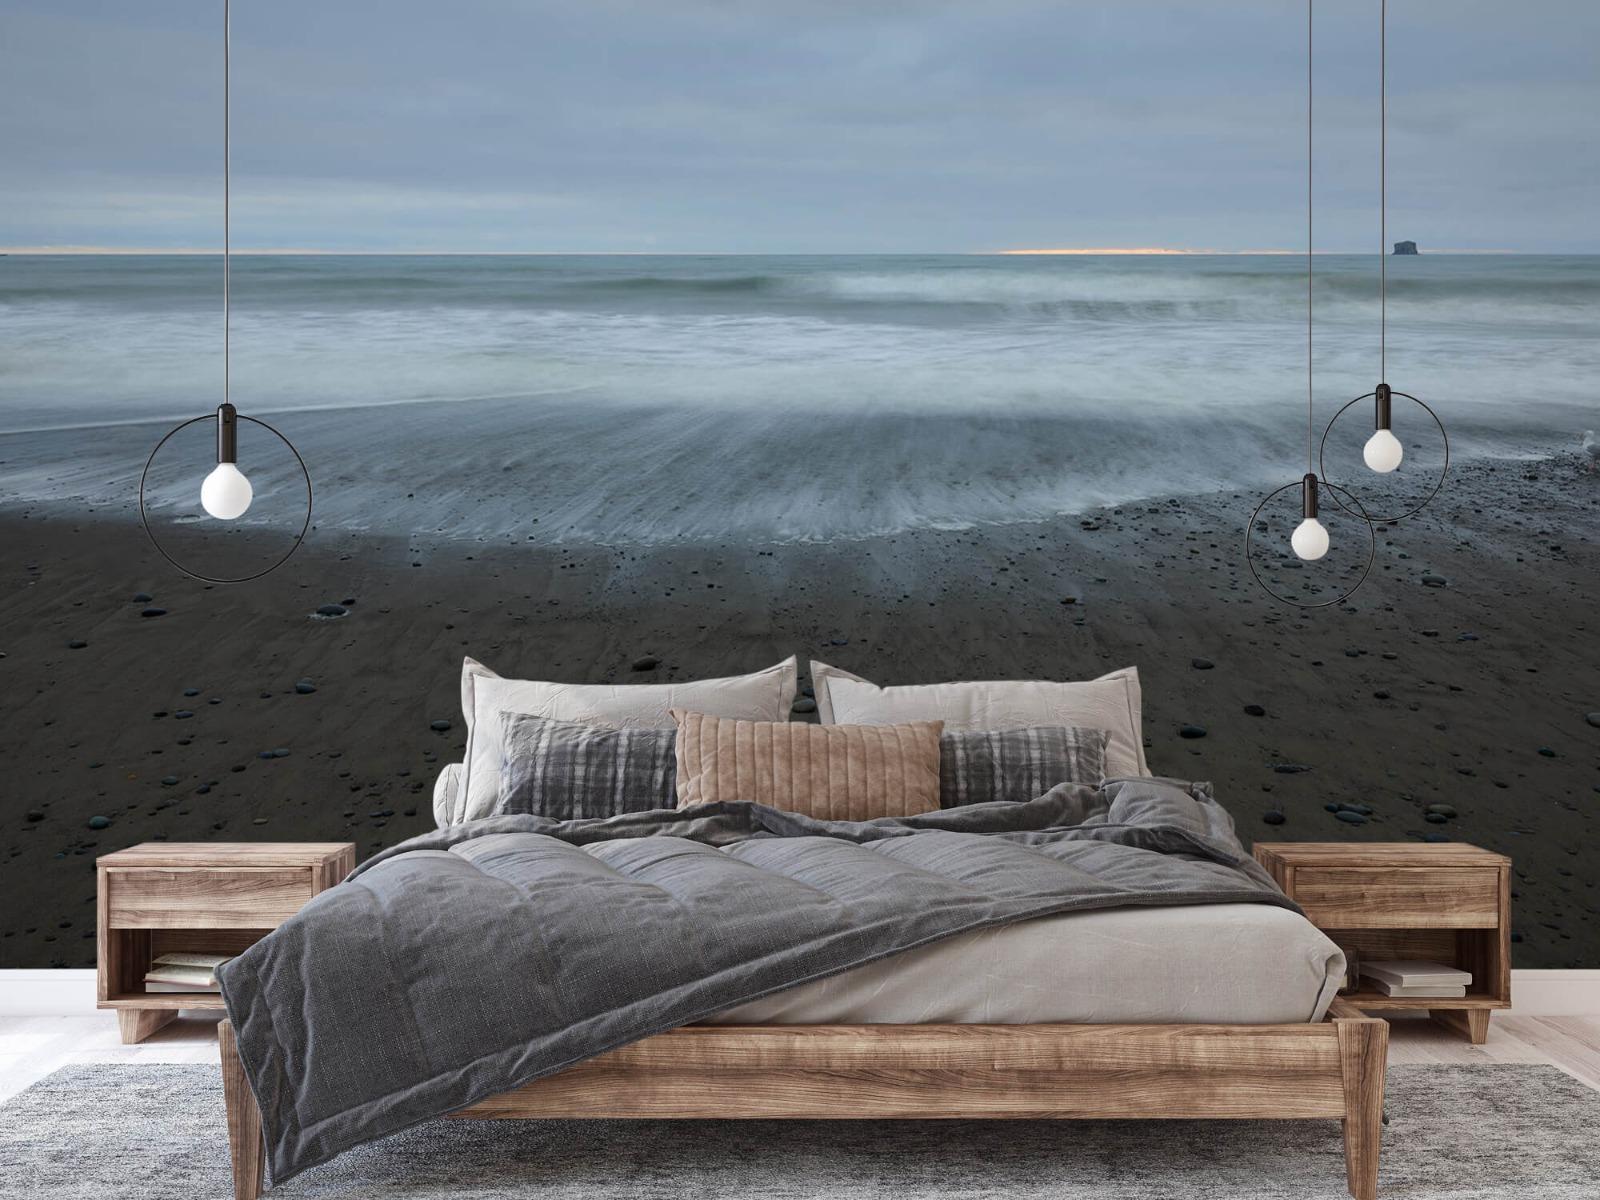 Zeeën en Oceanen - Golven aan het strand - Slaapkamer 1